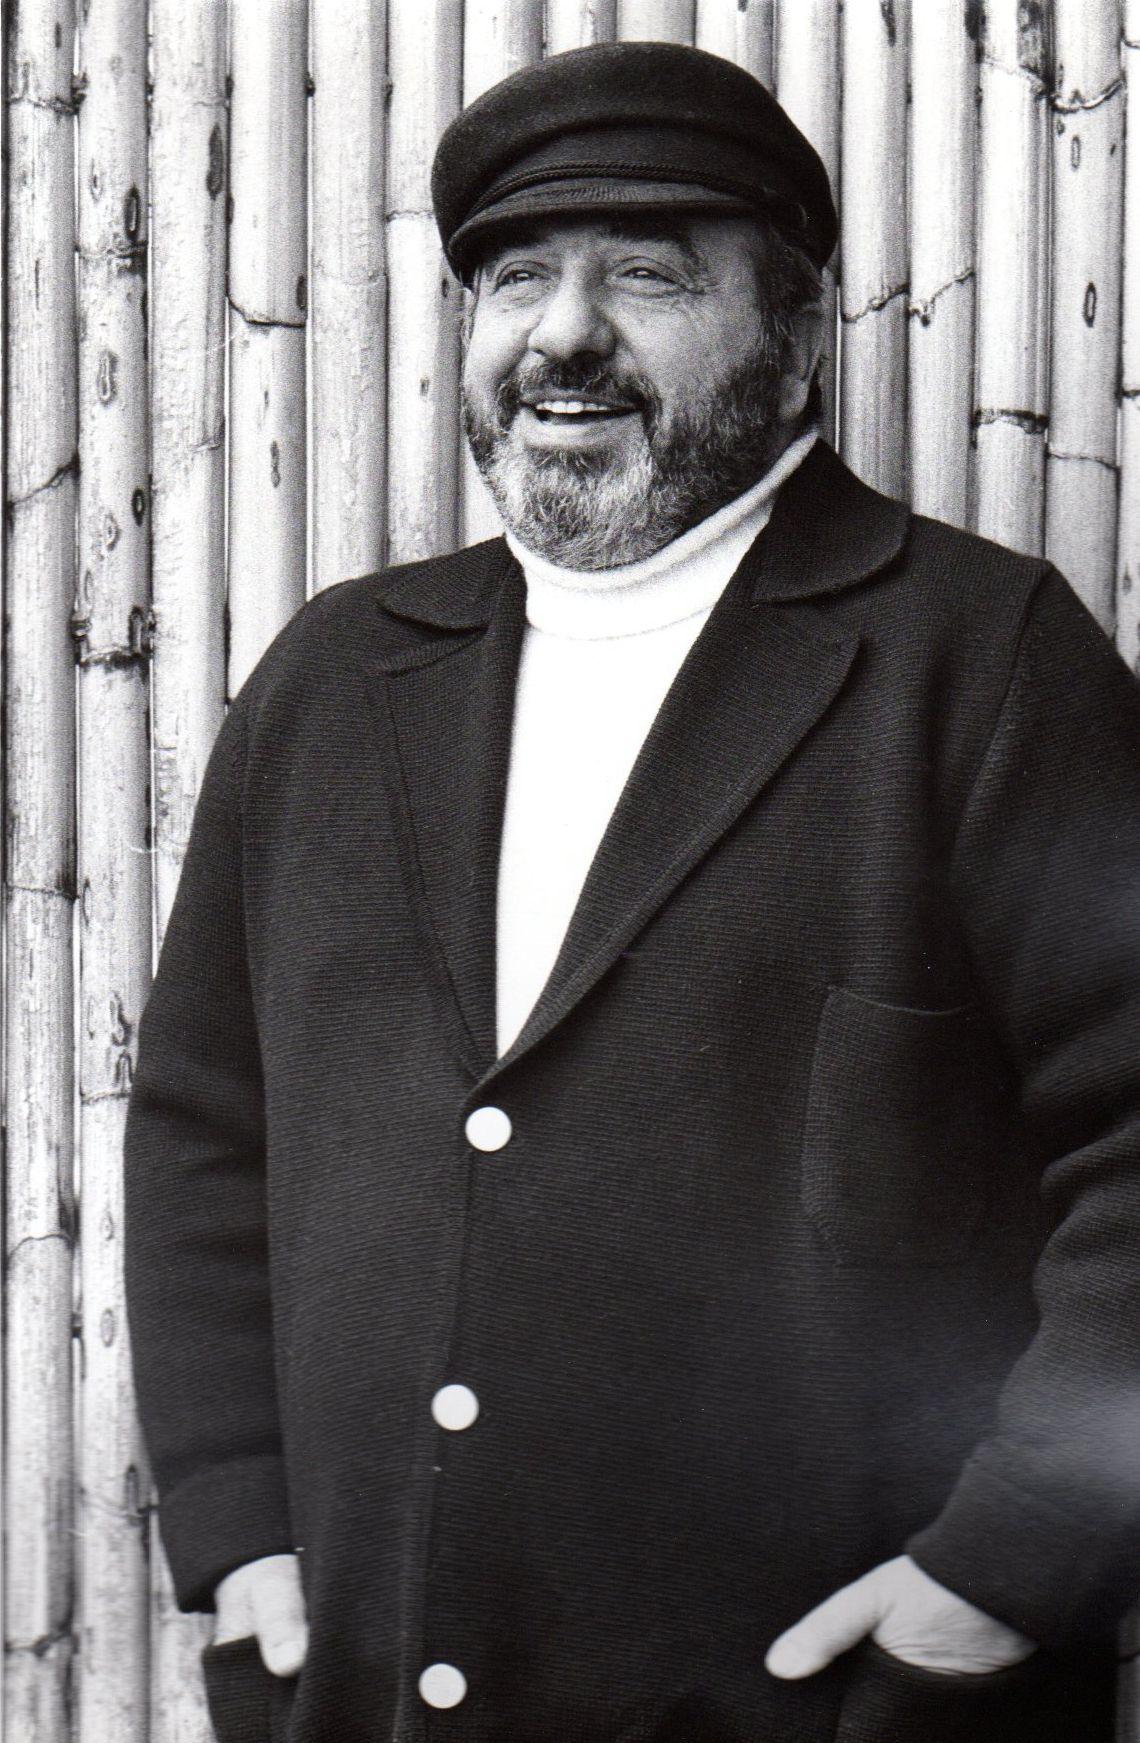 Marcello Marchesi Wikidata